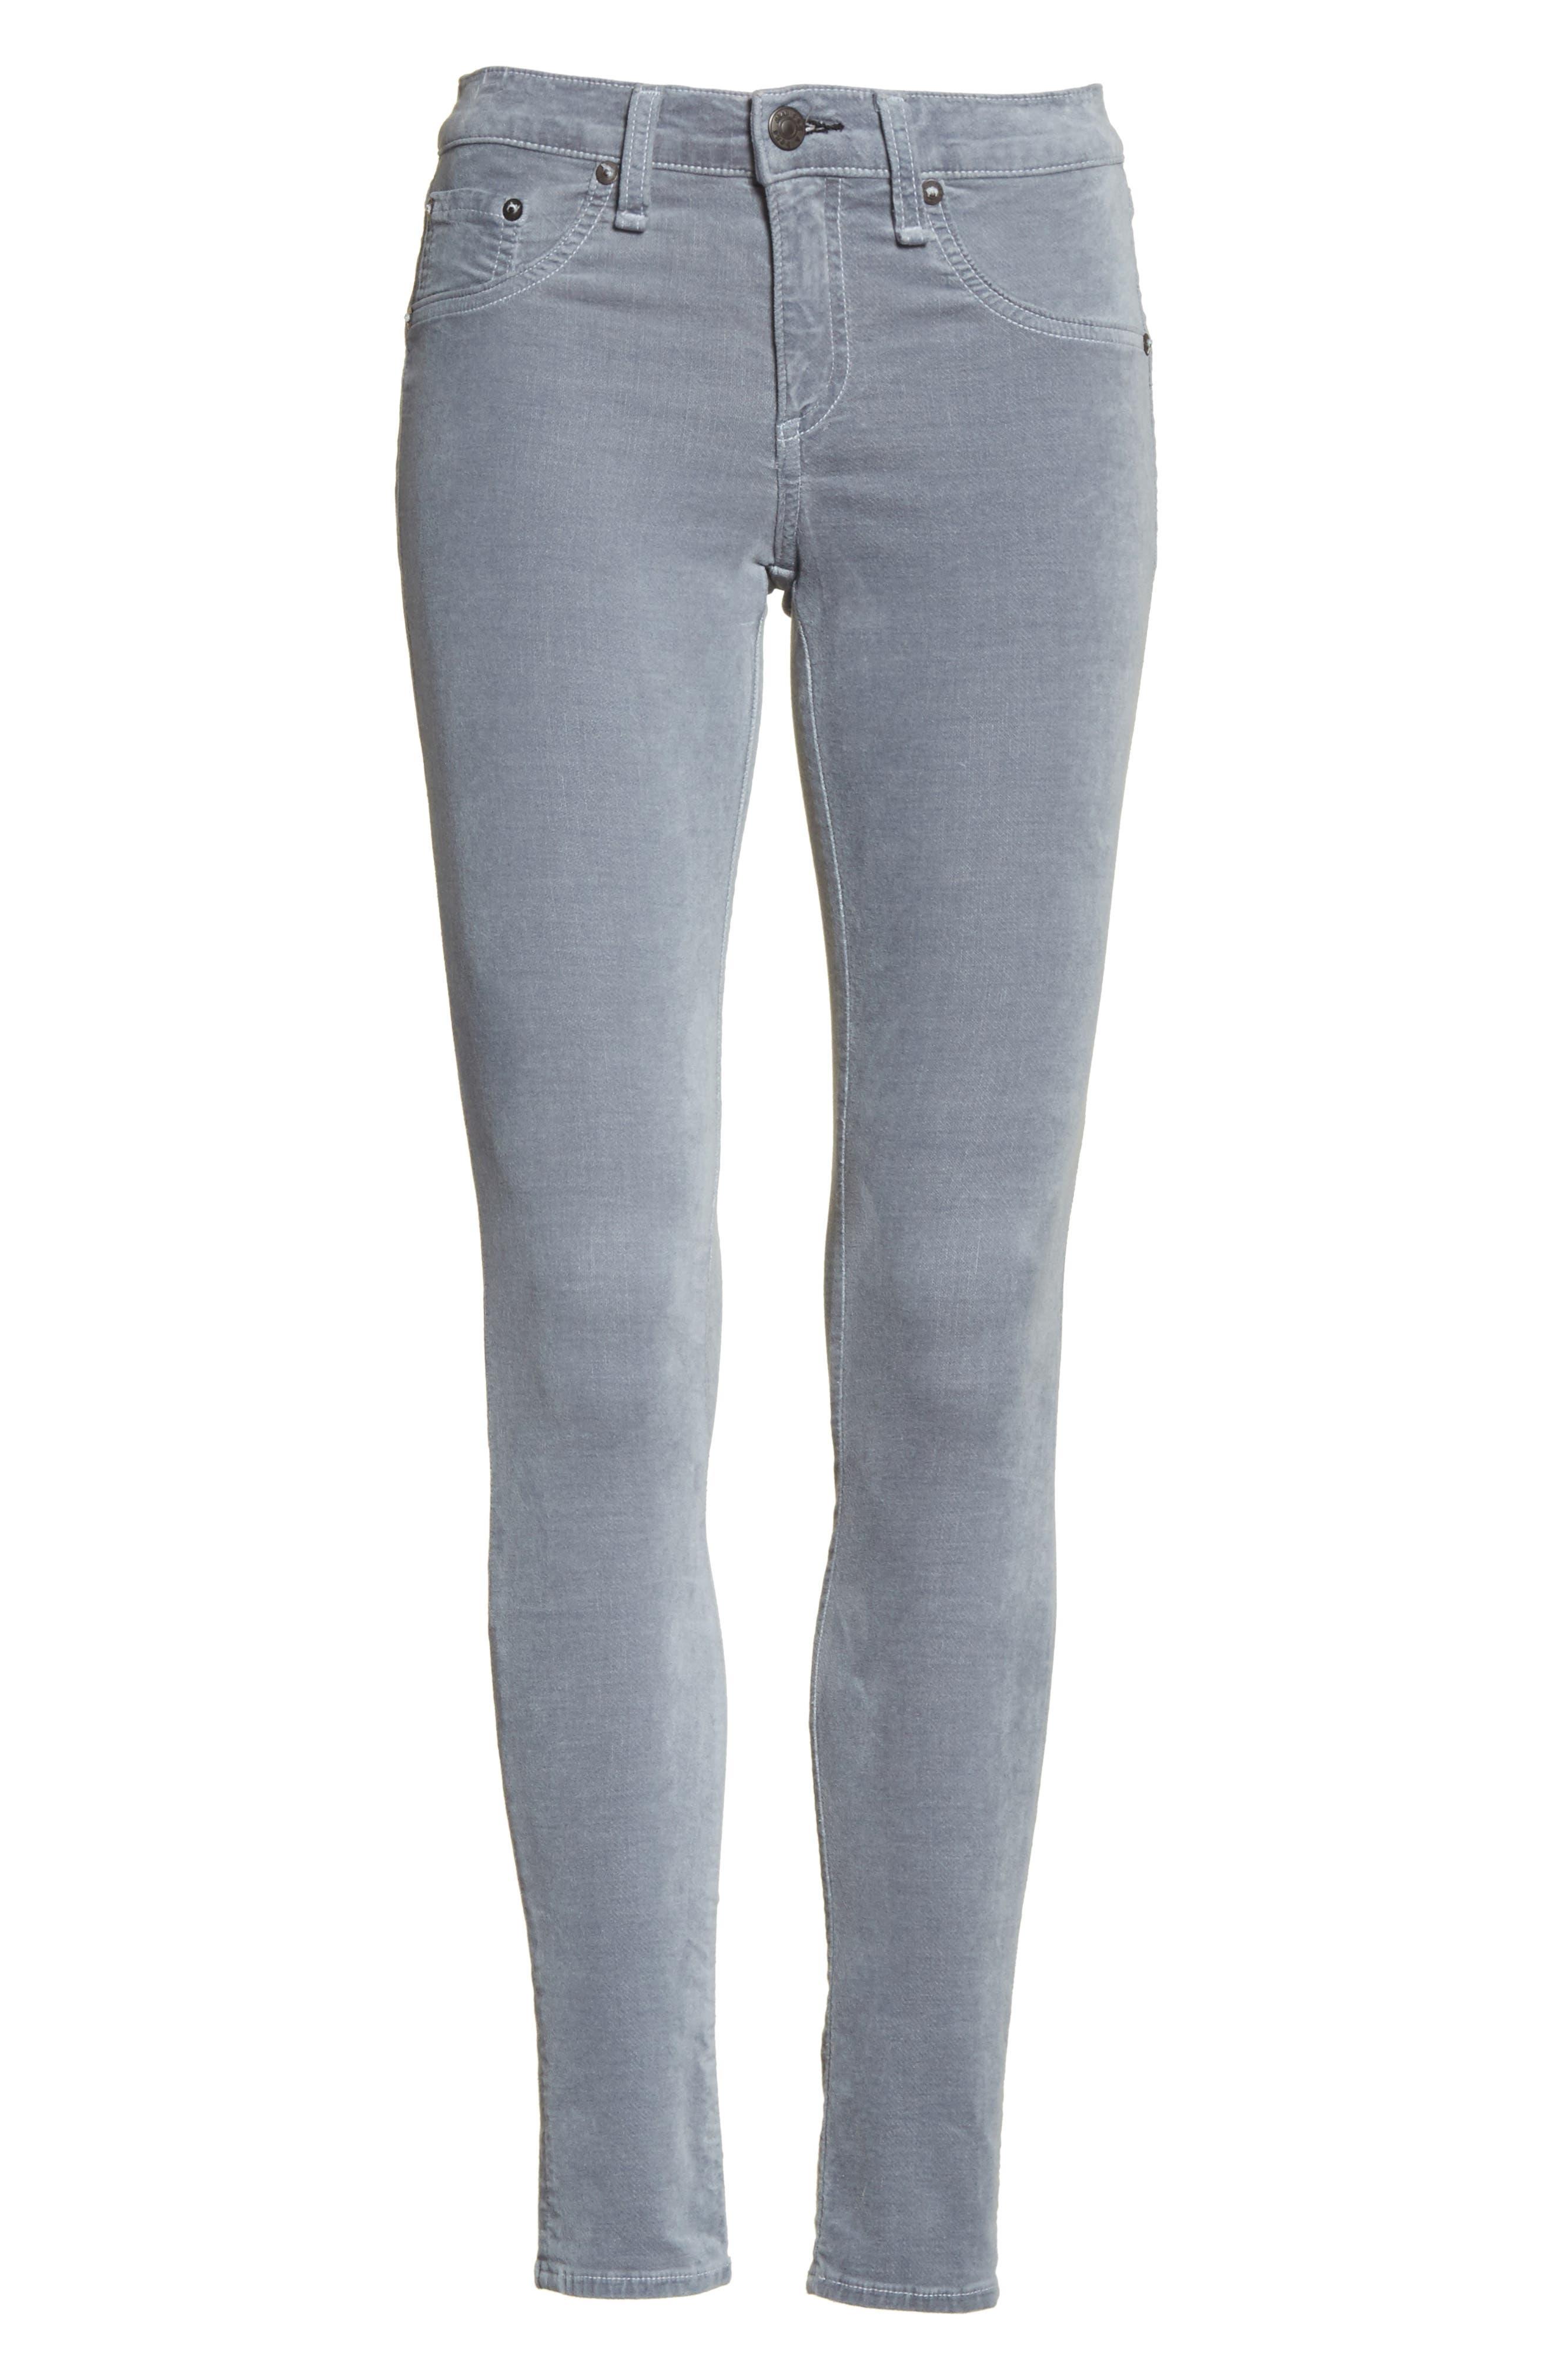 Velvet Skinny Jeans,                             Alternate thumbnail 6, color,                             408